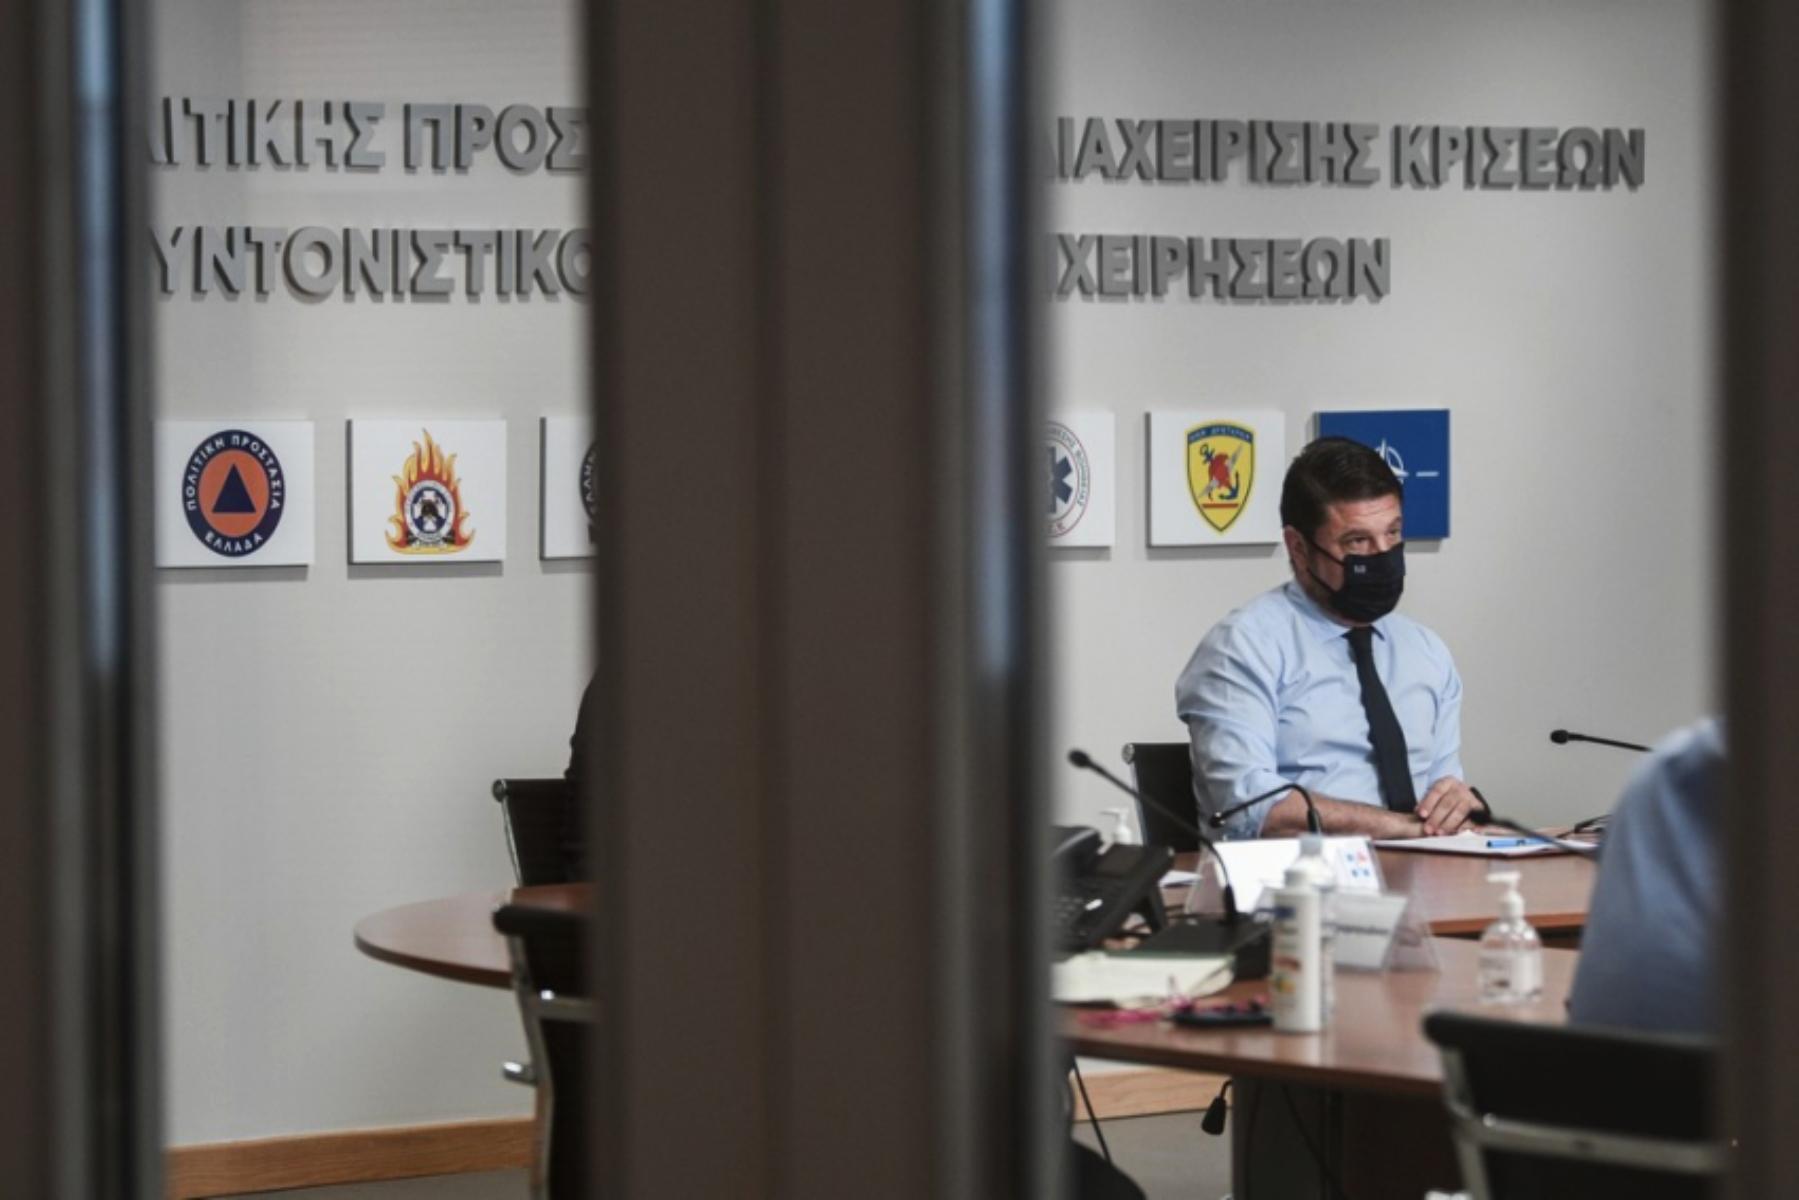 Πολιτική Προστασία: Ολοκληρώθηκε η σύσκεψη- Συντονισμός ενόψει κακοκαιρίας